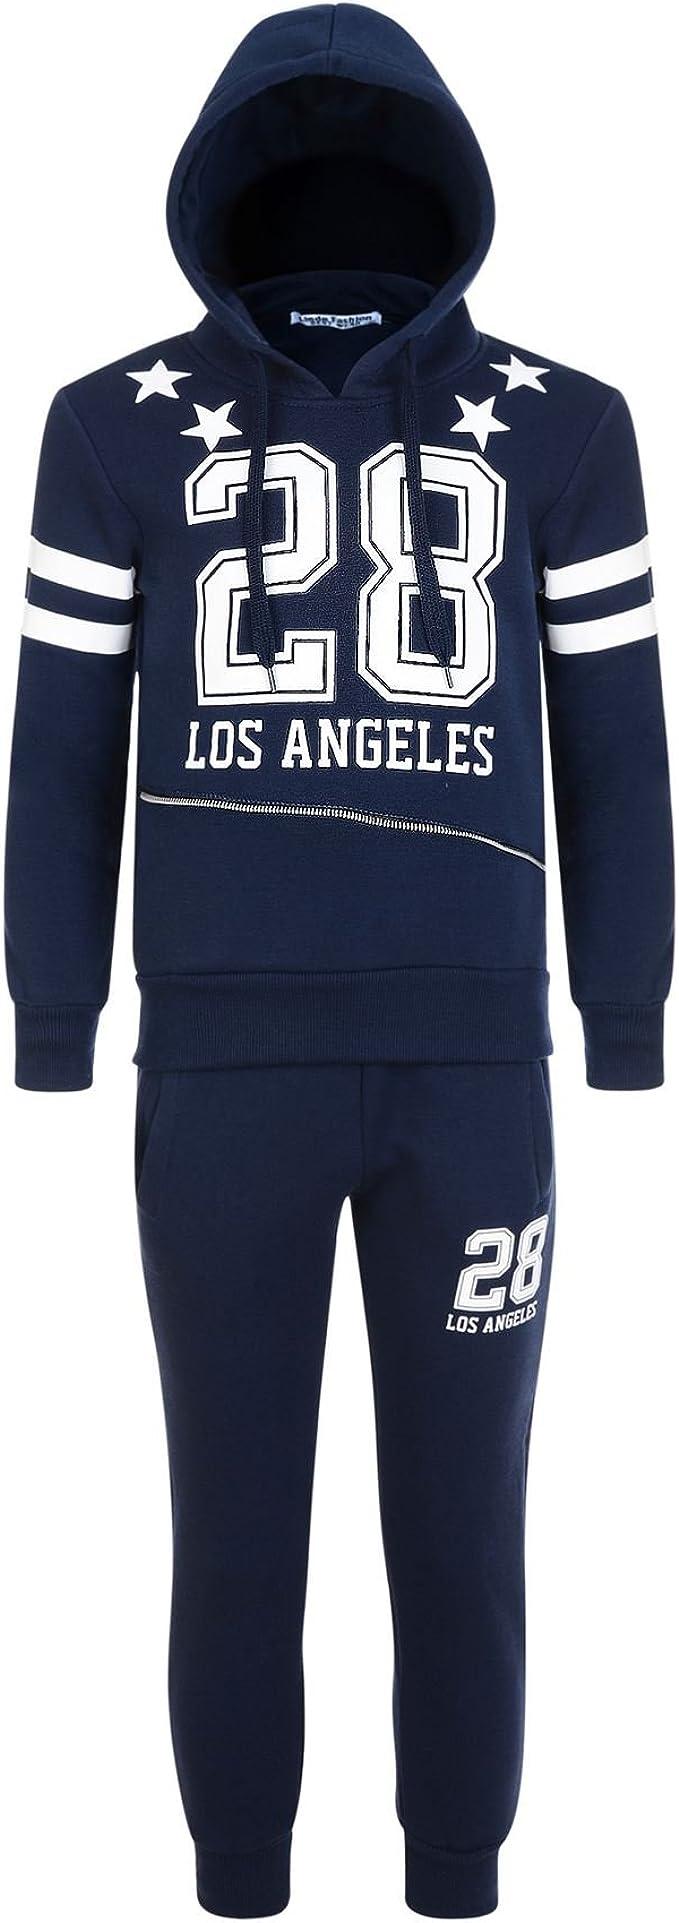 28 niños, diseño De Los Angeles-Chándal para niño, diseño De niña ...